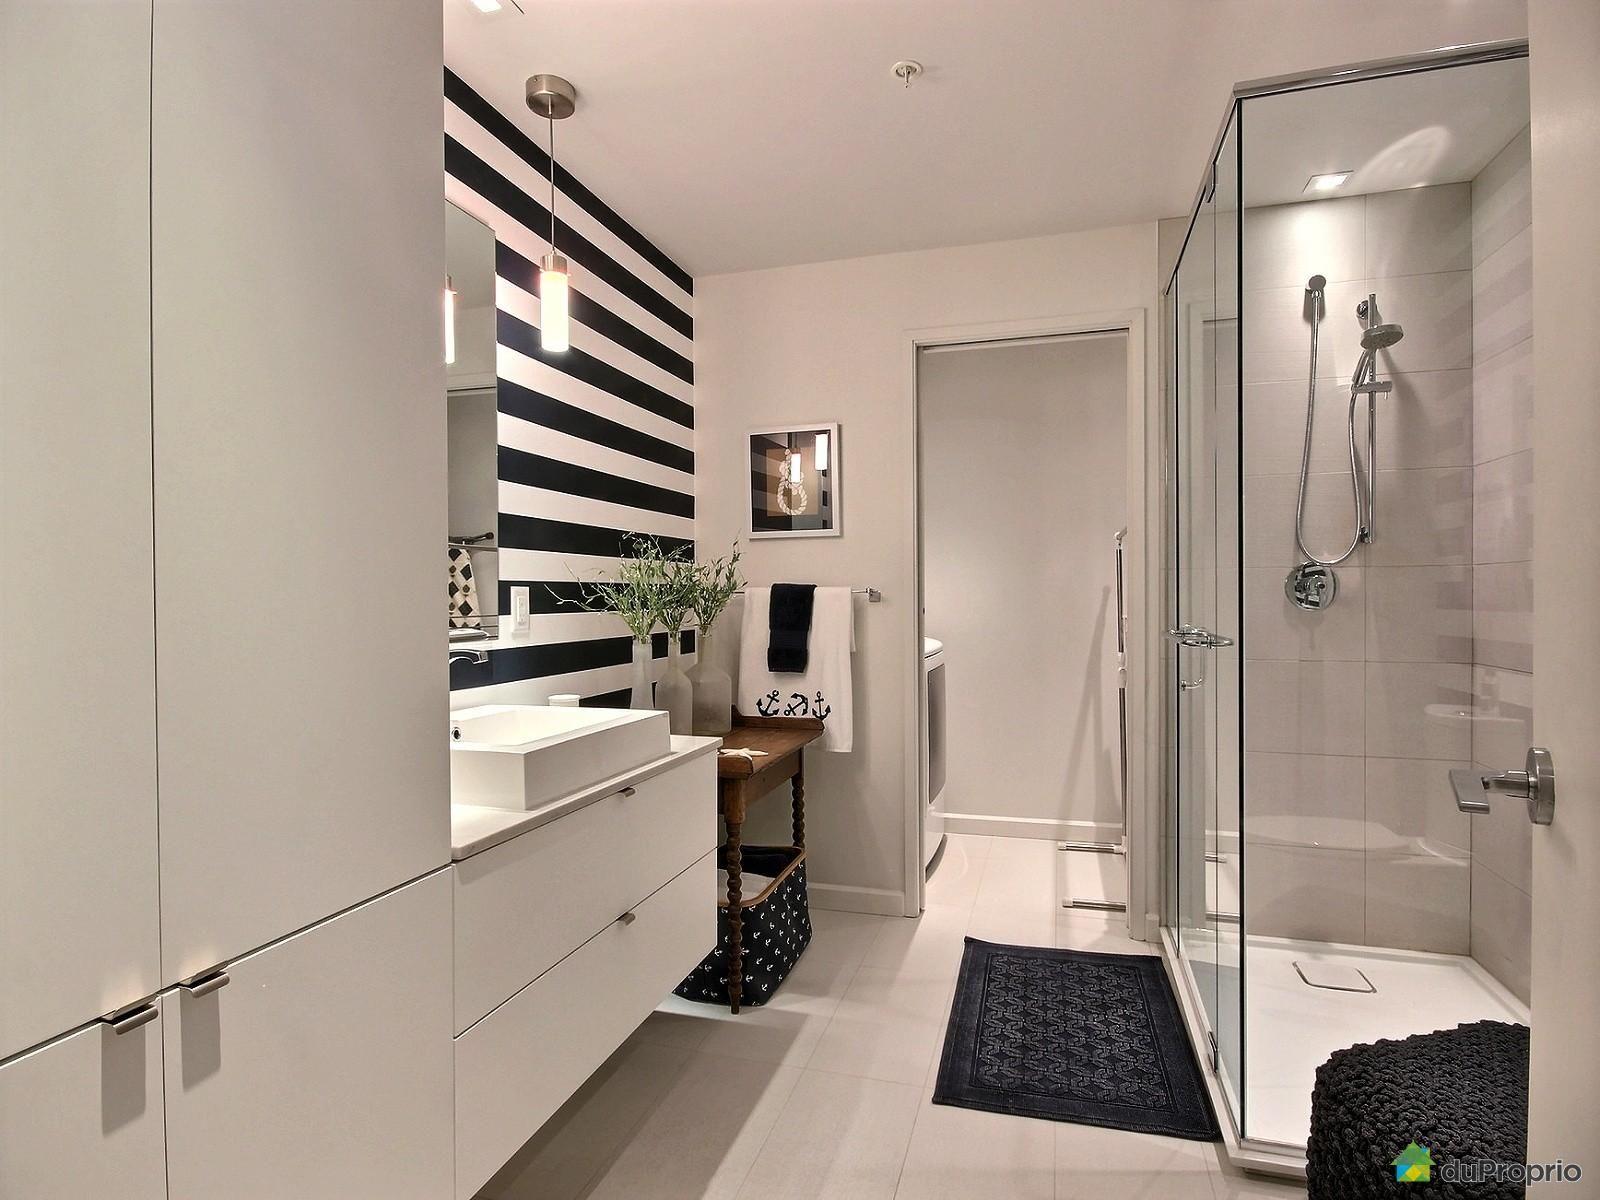 Bonne Id Es Pour Une Salle De Bain Moderne Belle Vanit Blanche